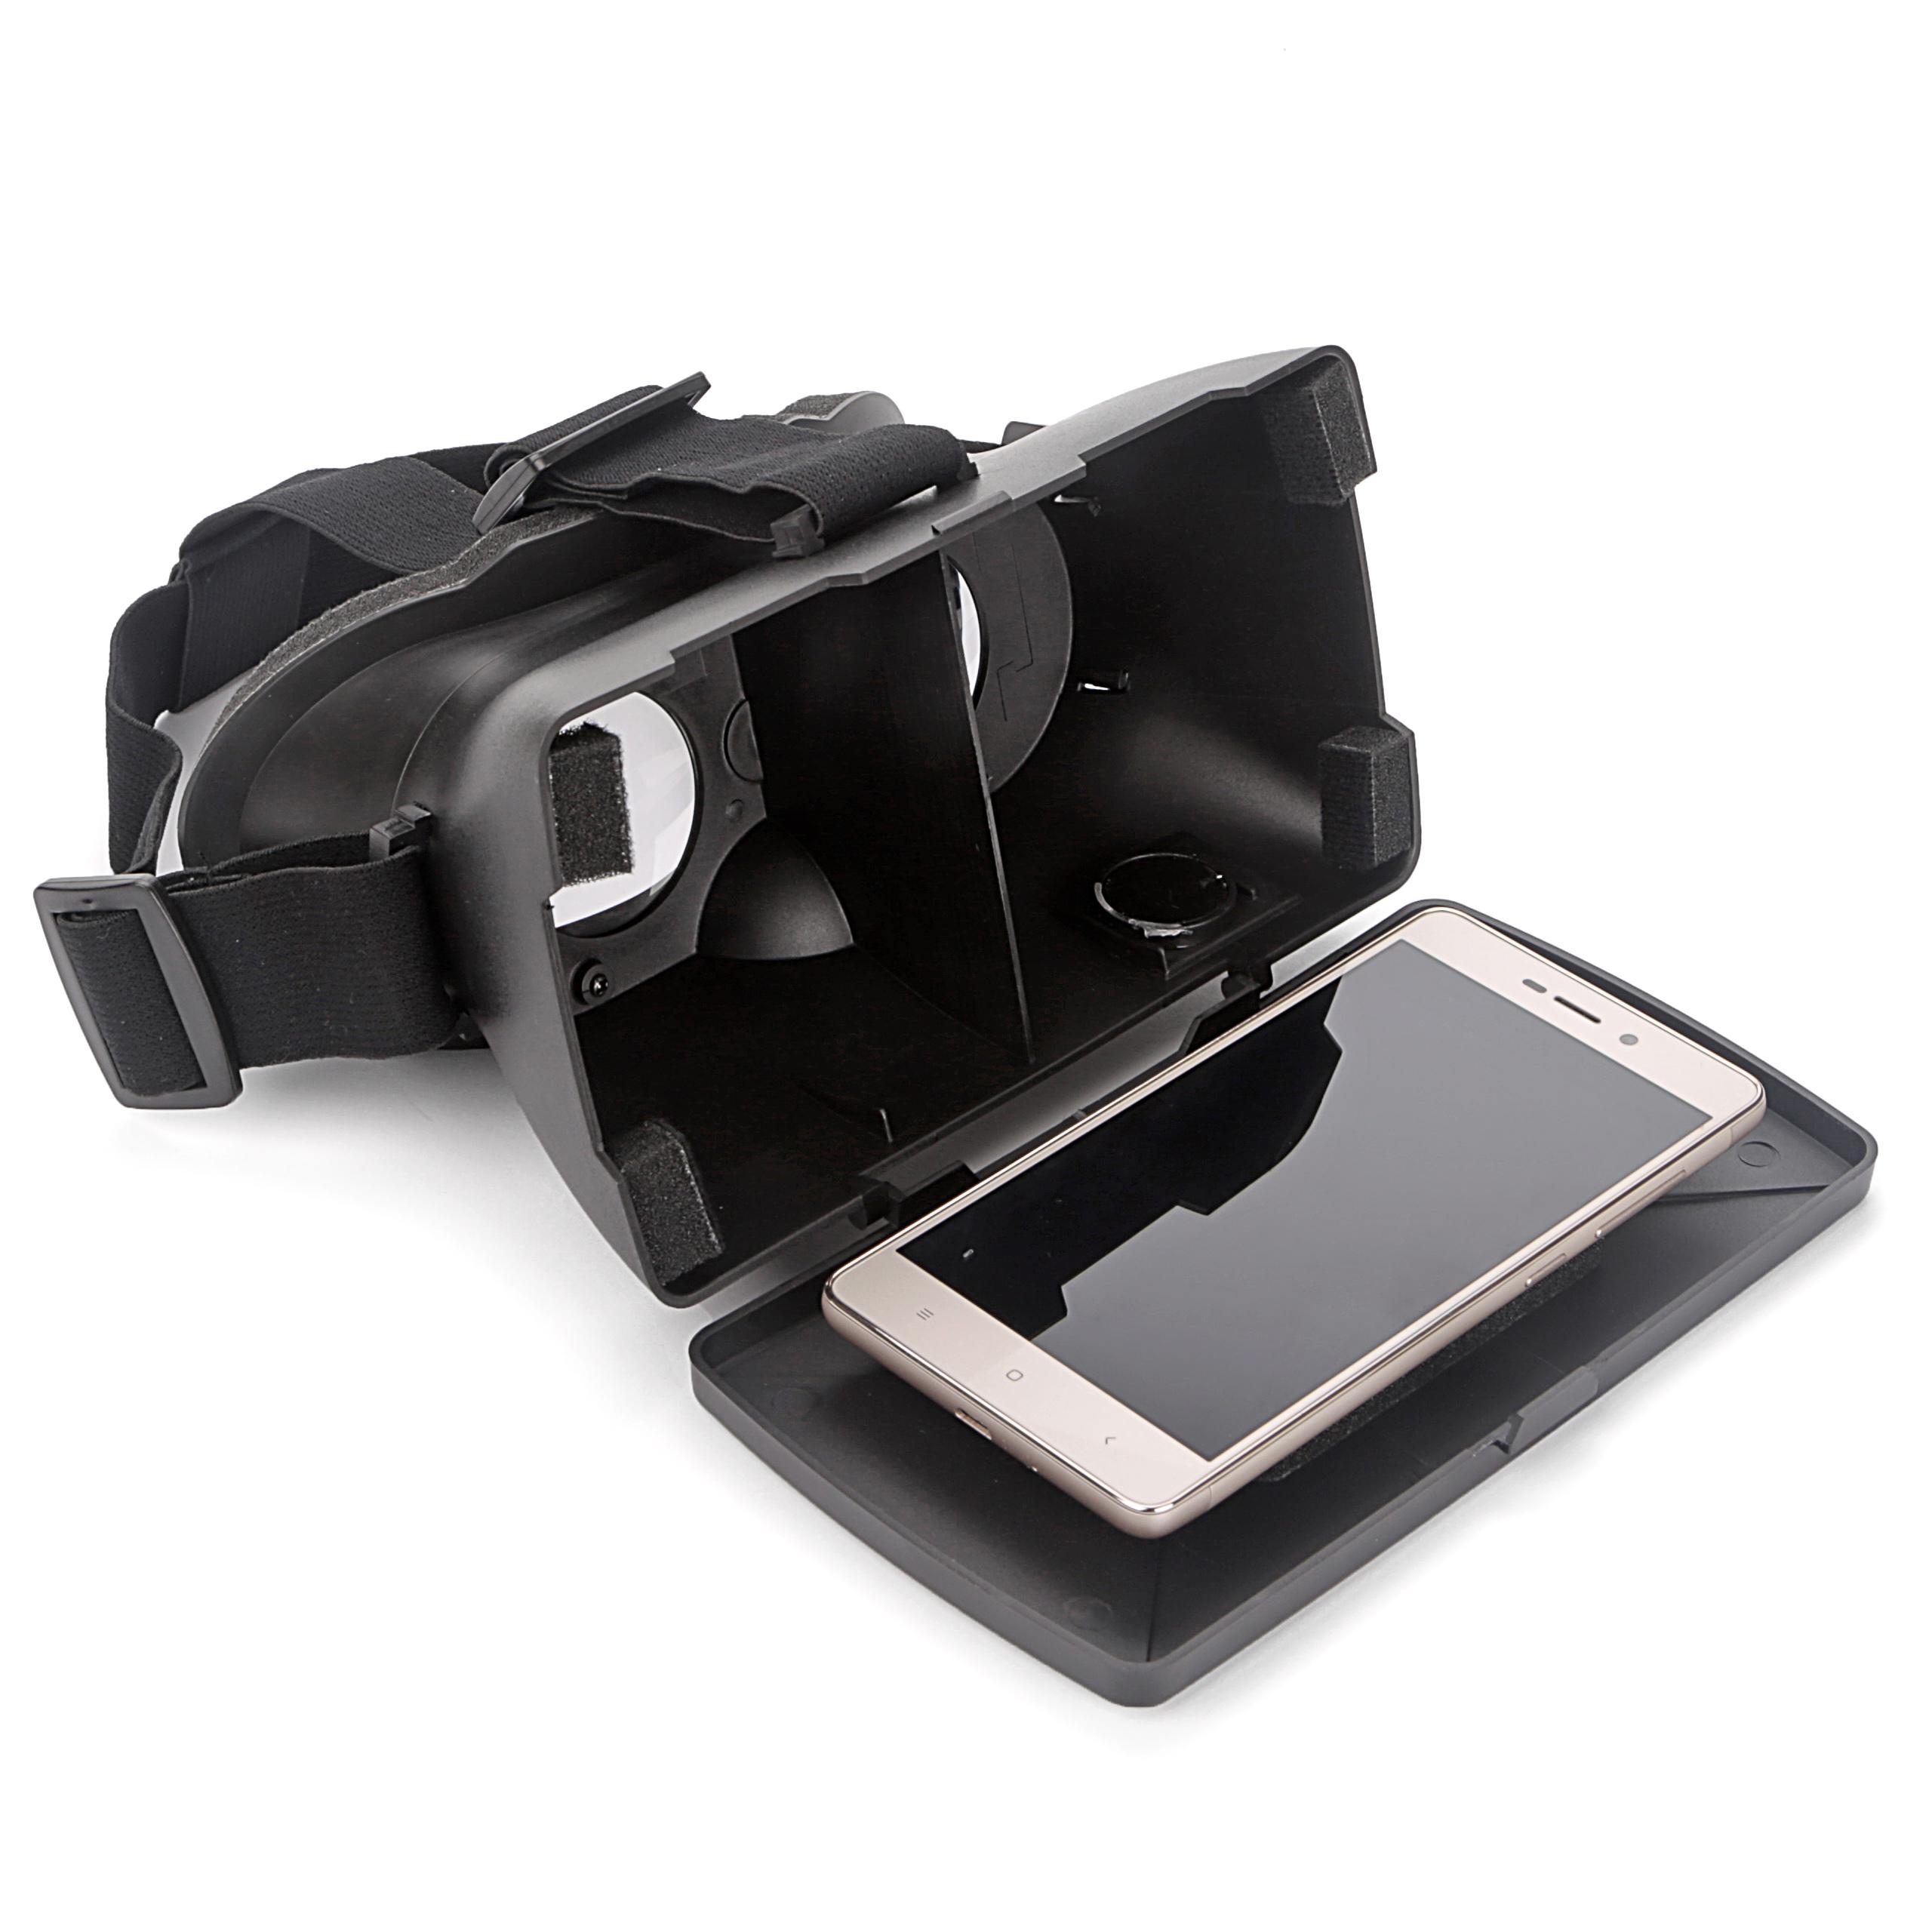 3 в очки виртуальной реальности найти алюминиевый кофр mavic pro